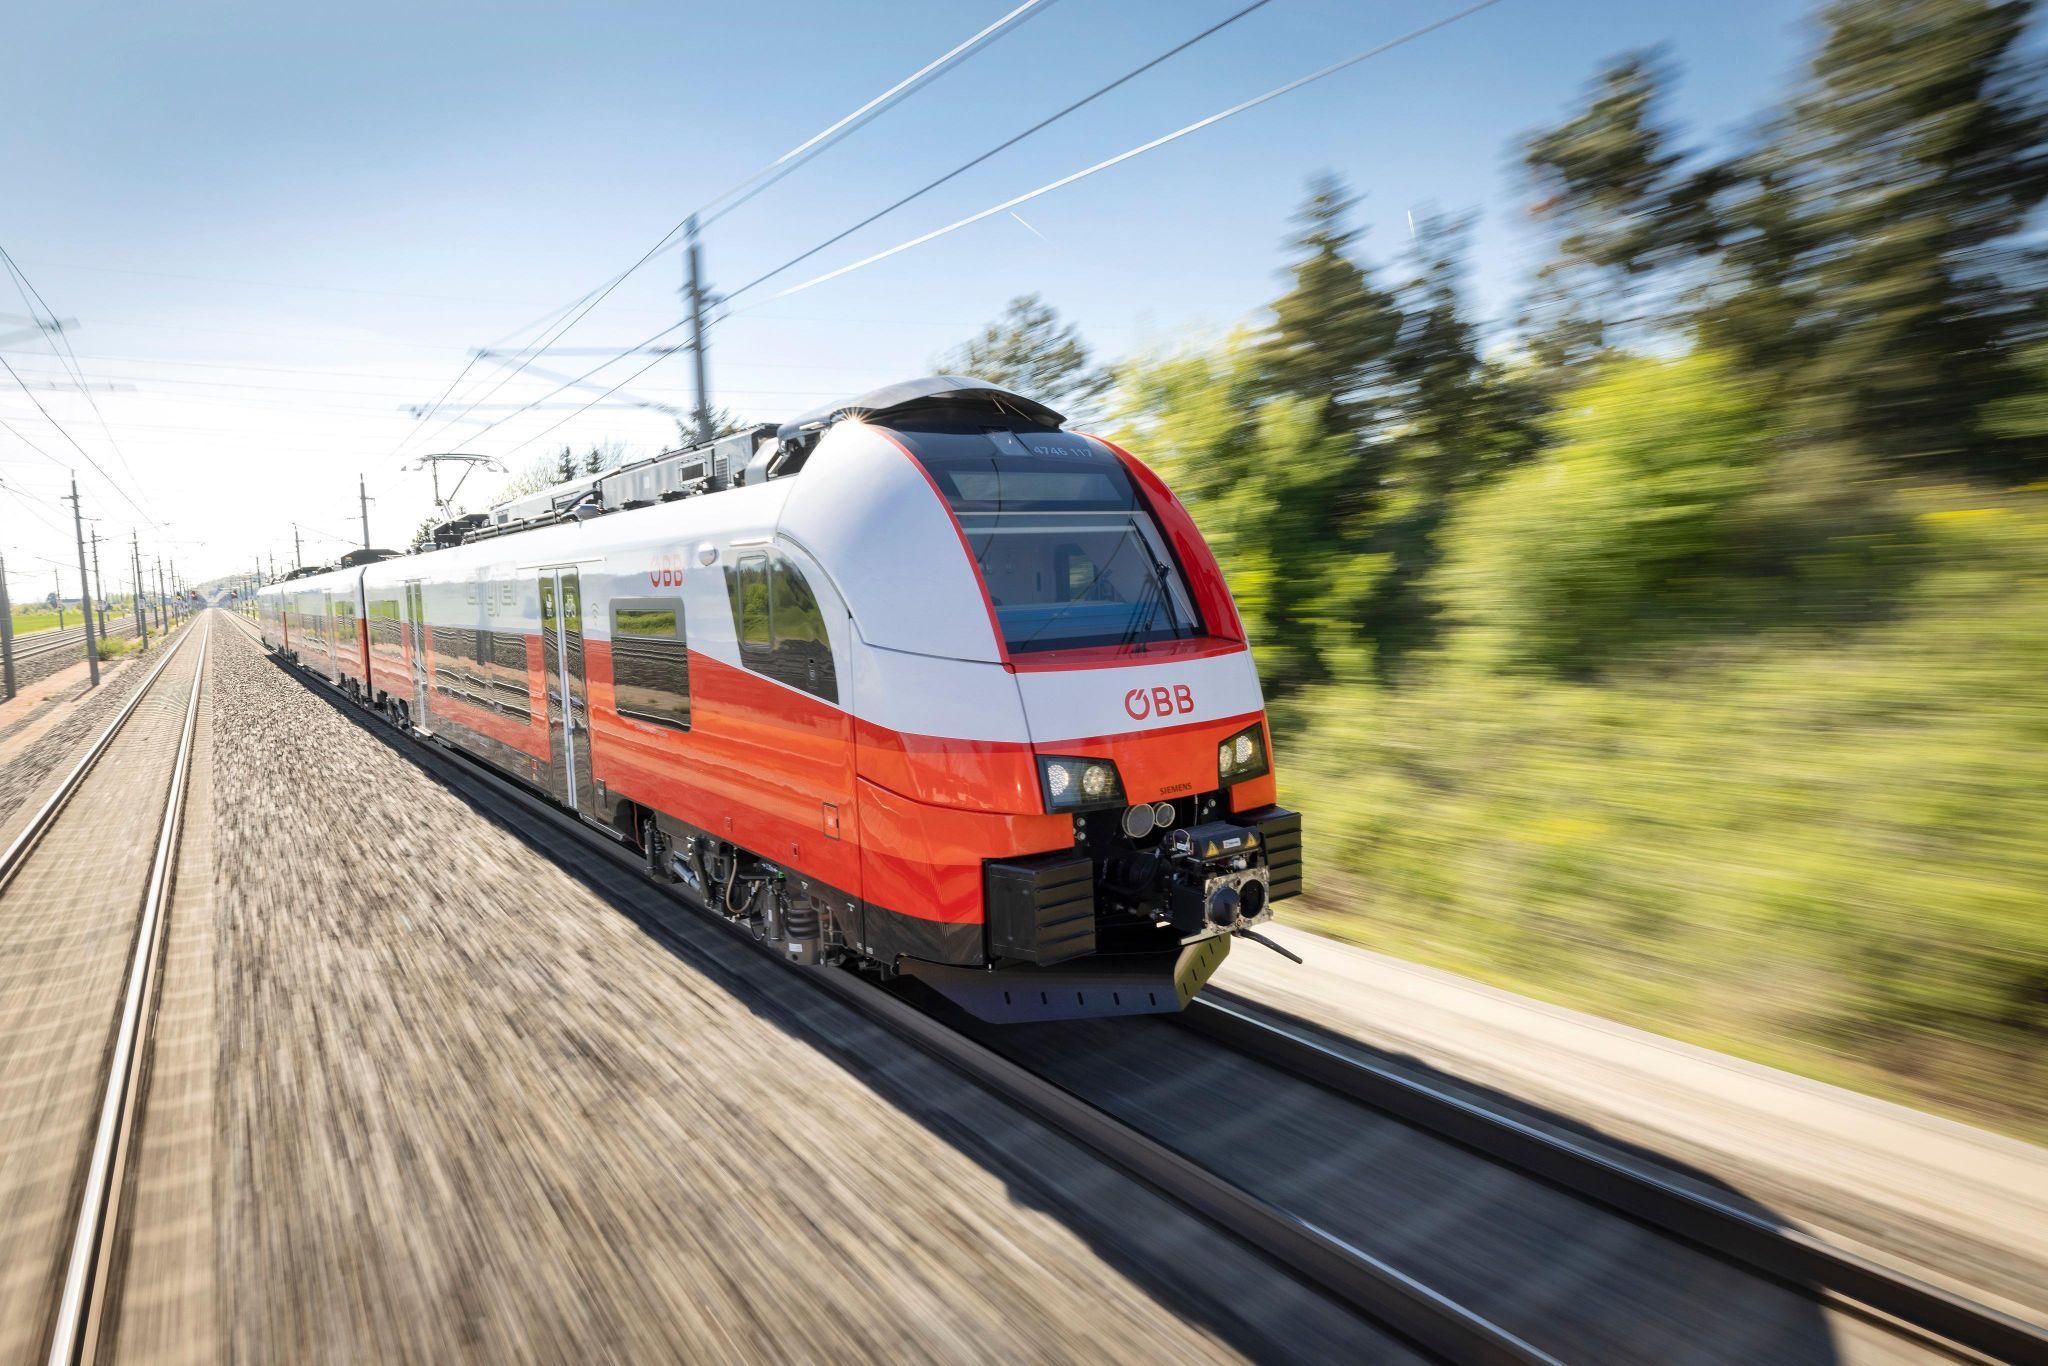 ÖBB Sommerticket - Einen Monat Bahn fahren in Österreich für alle unter 26 Jahren